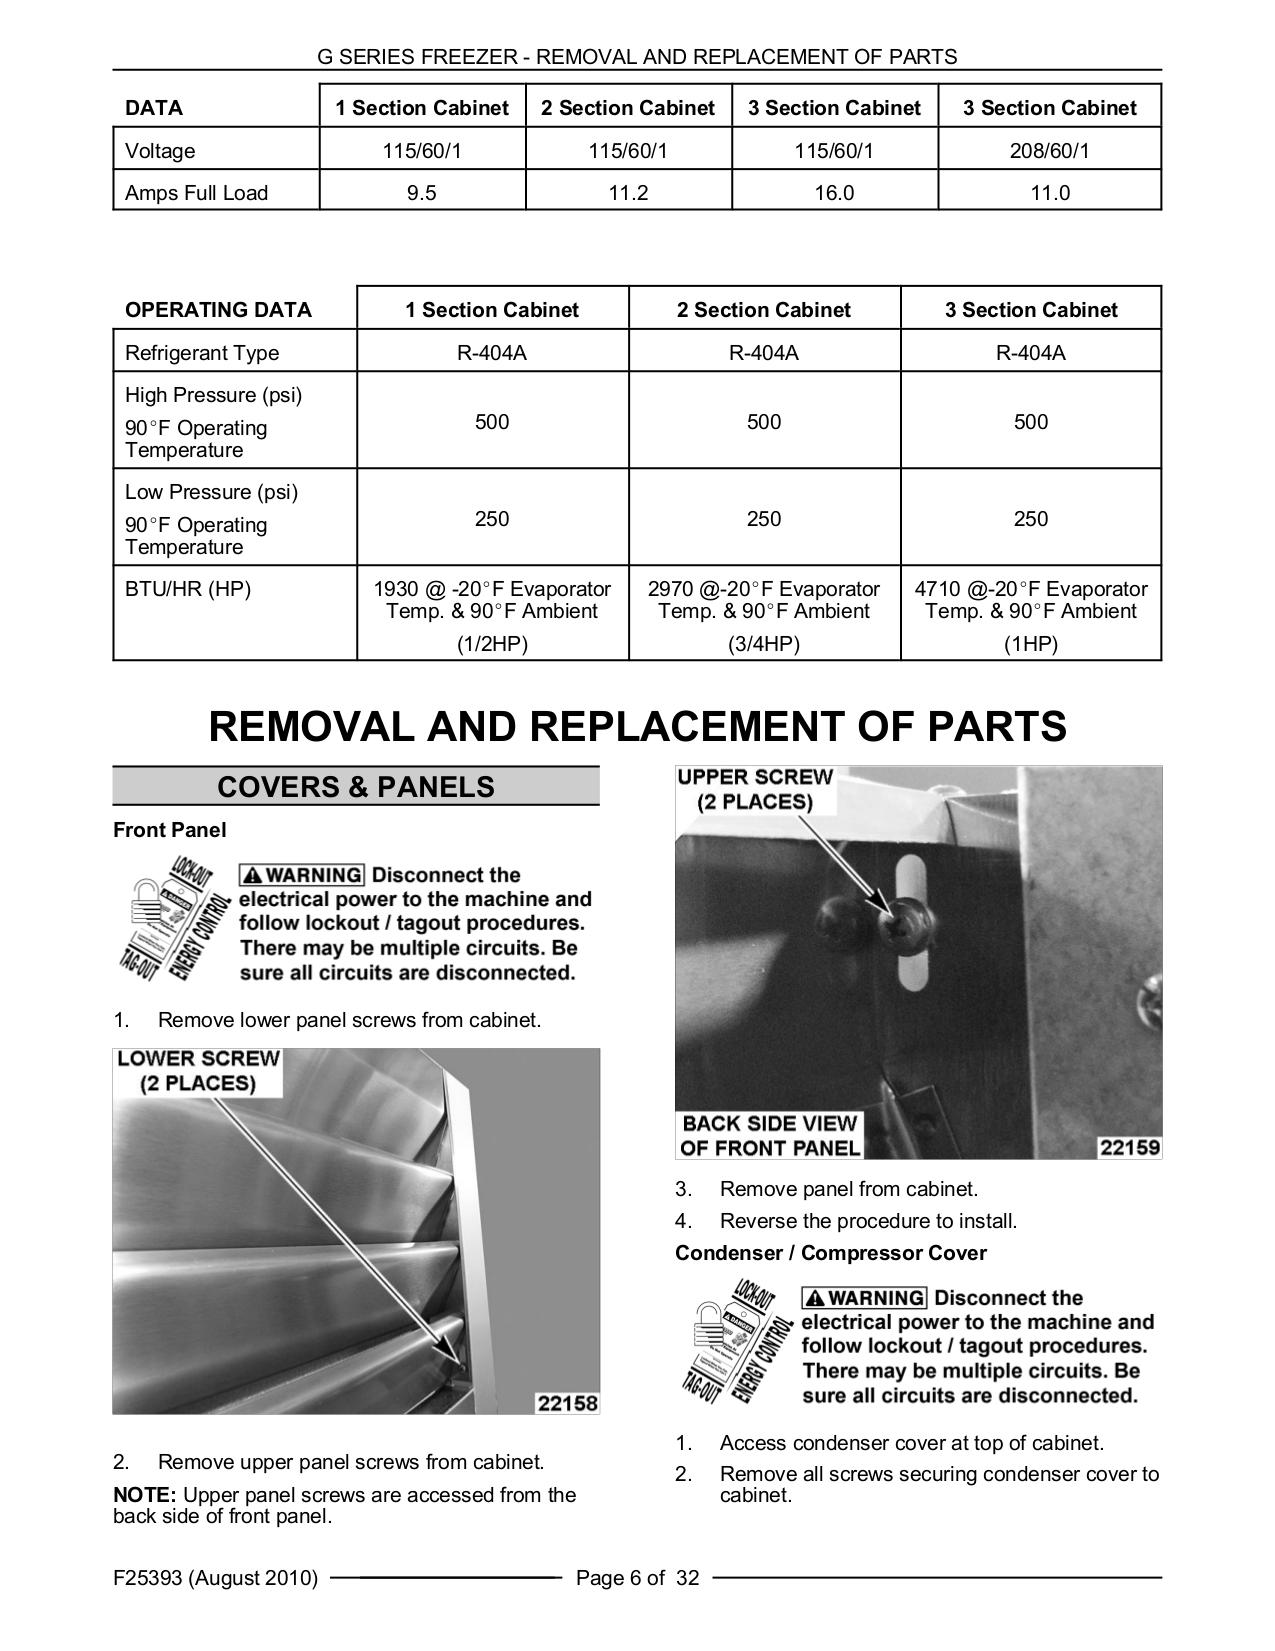 ... Traulsen Freezer G22010 pdf page preview ...